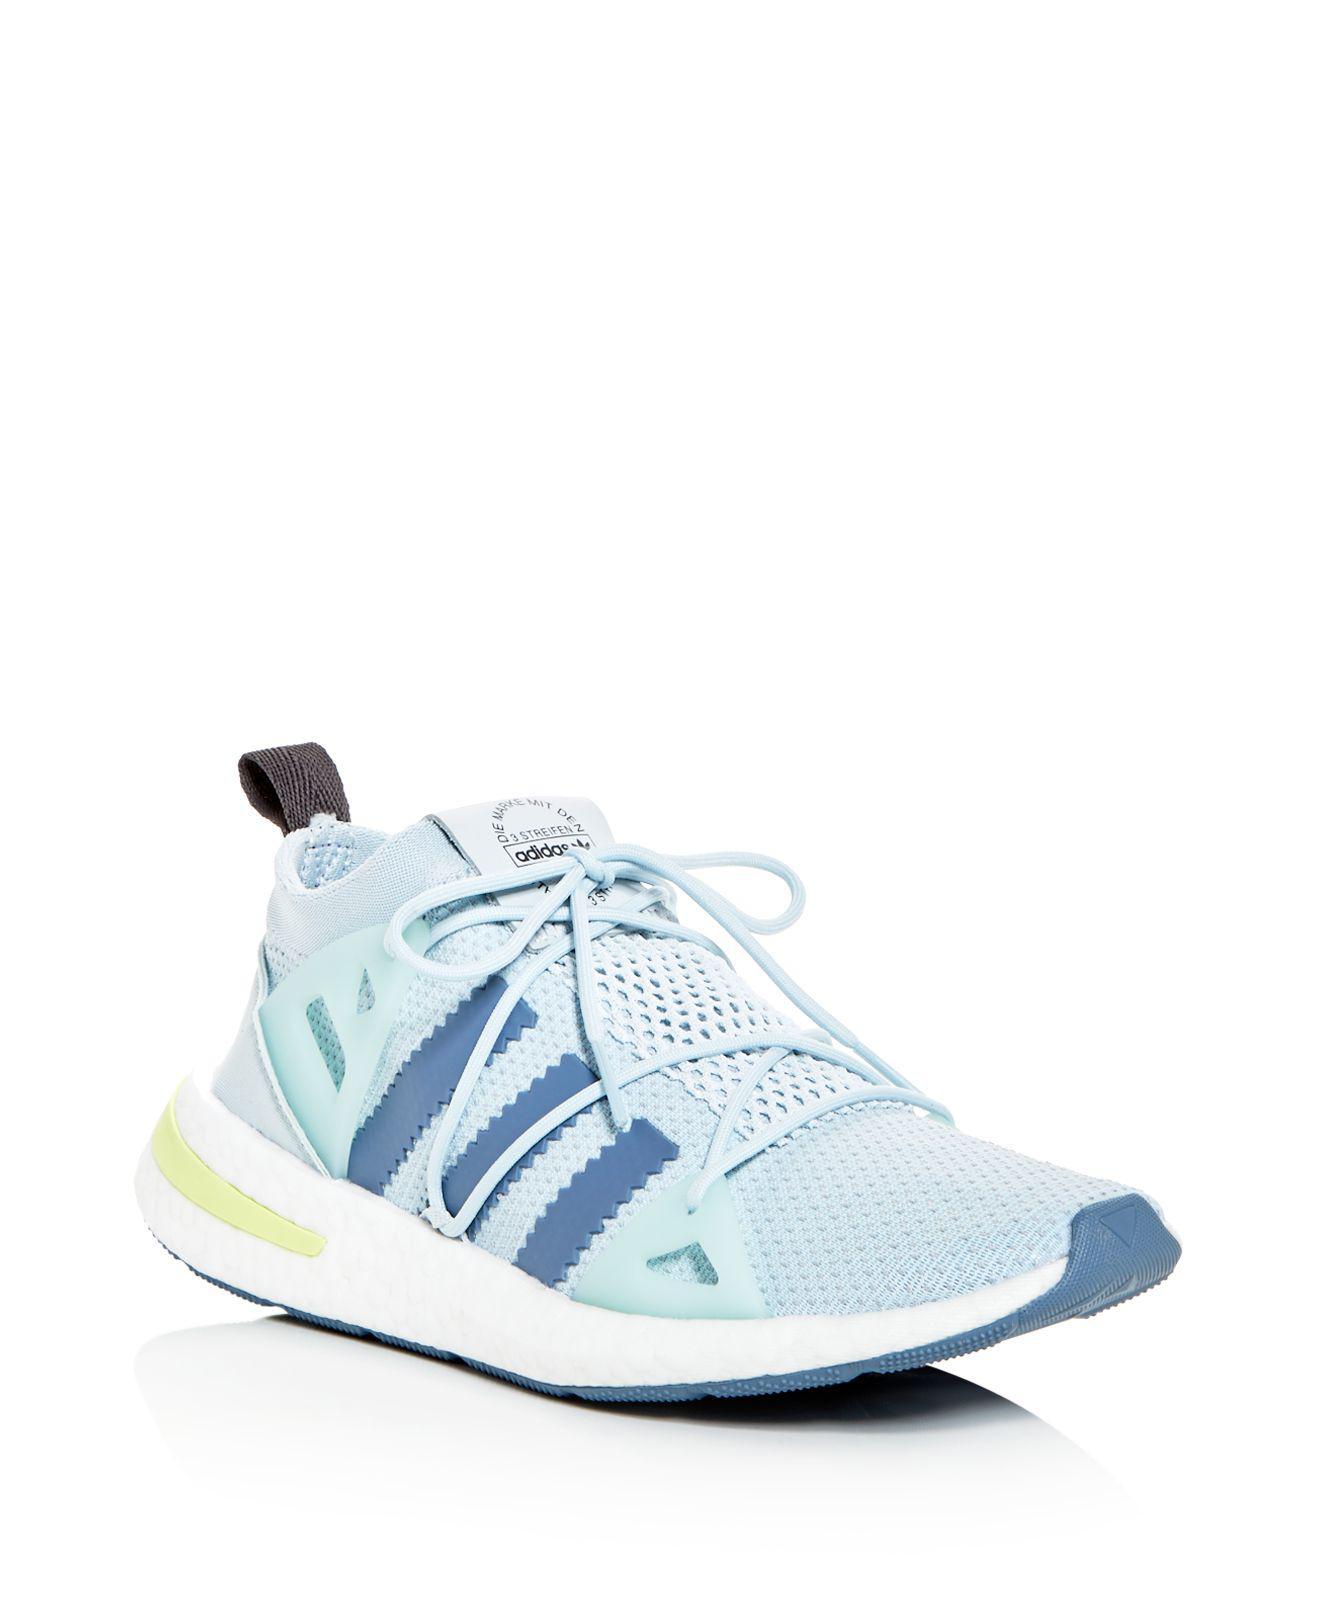 lyst adidas donne a arkyn merletto scarpe in blu